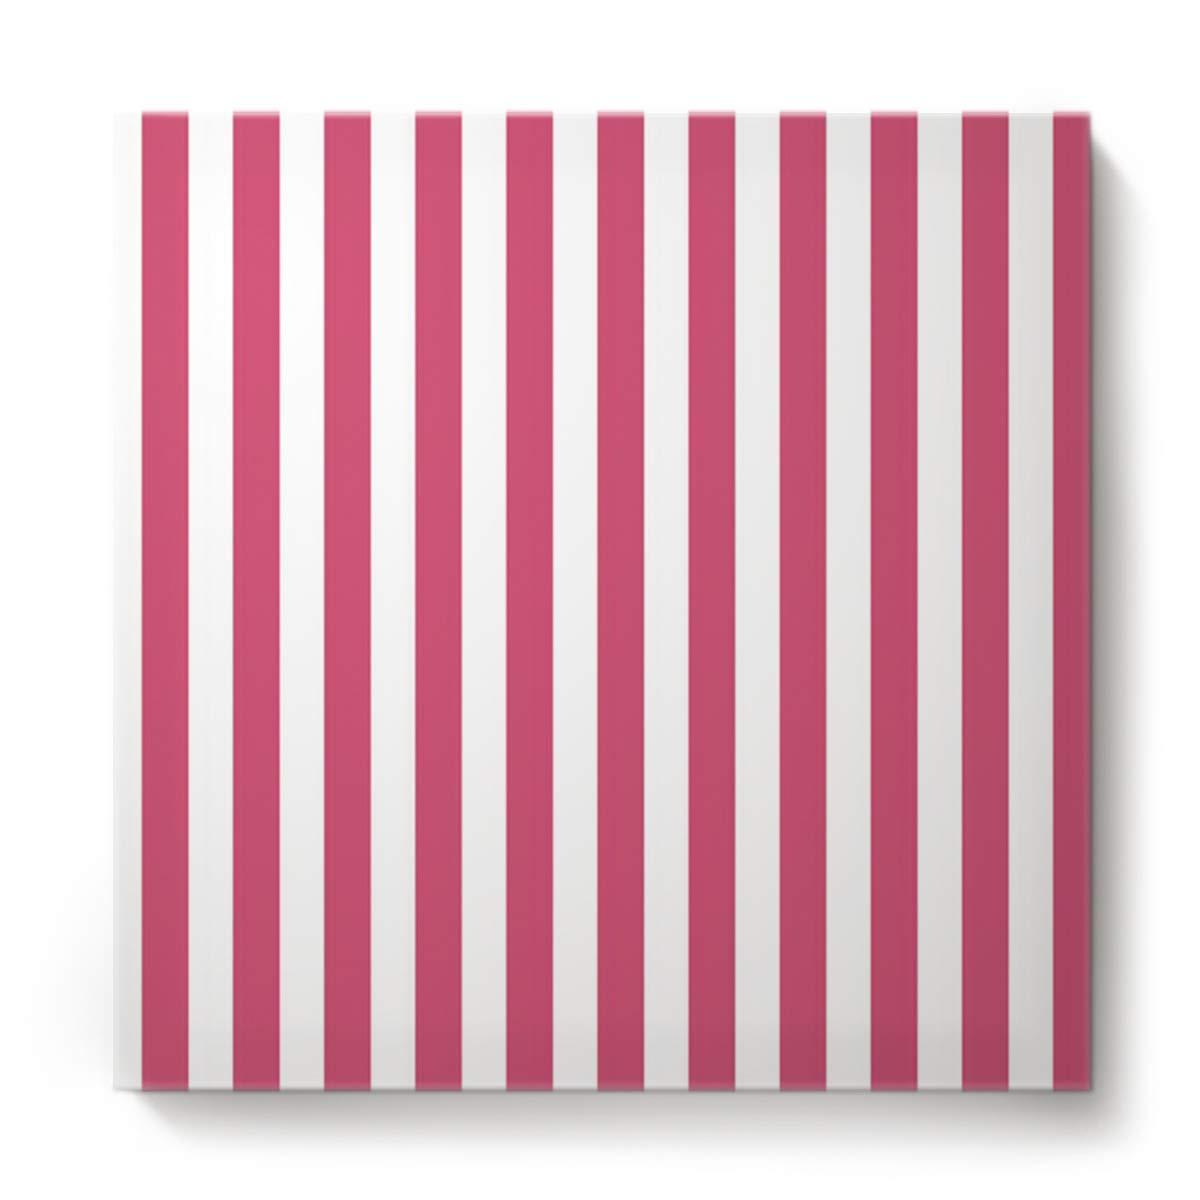 正方形キャンバスウォールアート 油絵 寝室 リビングルーム ホーム装飾 カラフルな水波模様 オフィスアートワーク 木製フレームで枠張り済み すぐに掛けられる 20 x 20 Inch 201810220NAAYAGYAGGSLEO01061NAACYAG 20 x 20 Inch Stripe40yag4316 B07M96FDTK